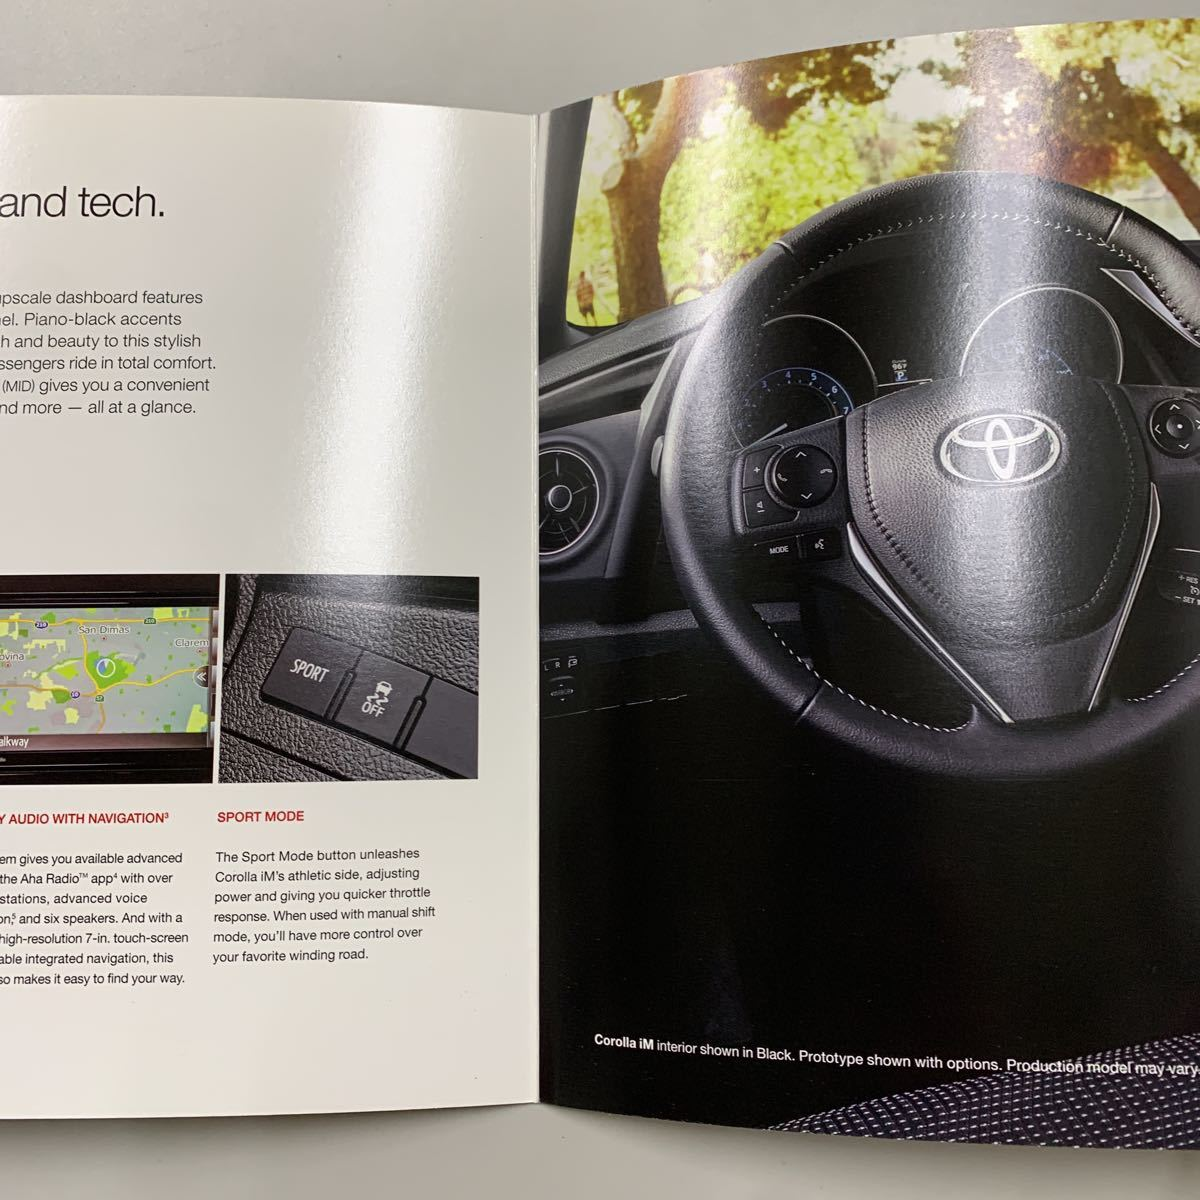 【送料無料】US TOYOTA COROLLA iM 2017年モデル 小カタログ アメリカ トヨタ カローラ 左ハンドル 海外 輸出 北米仕様 逆輸入 USDM 当時物_画像3